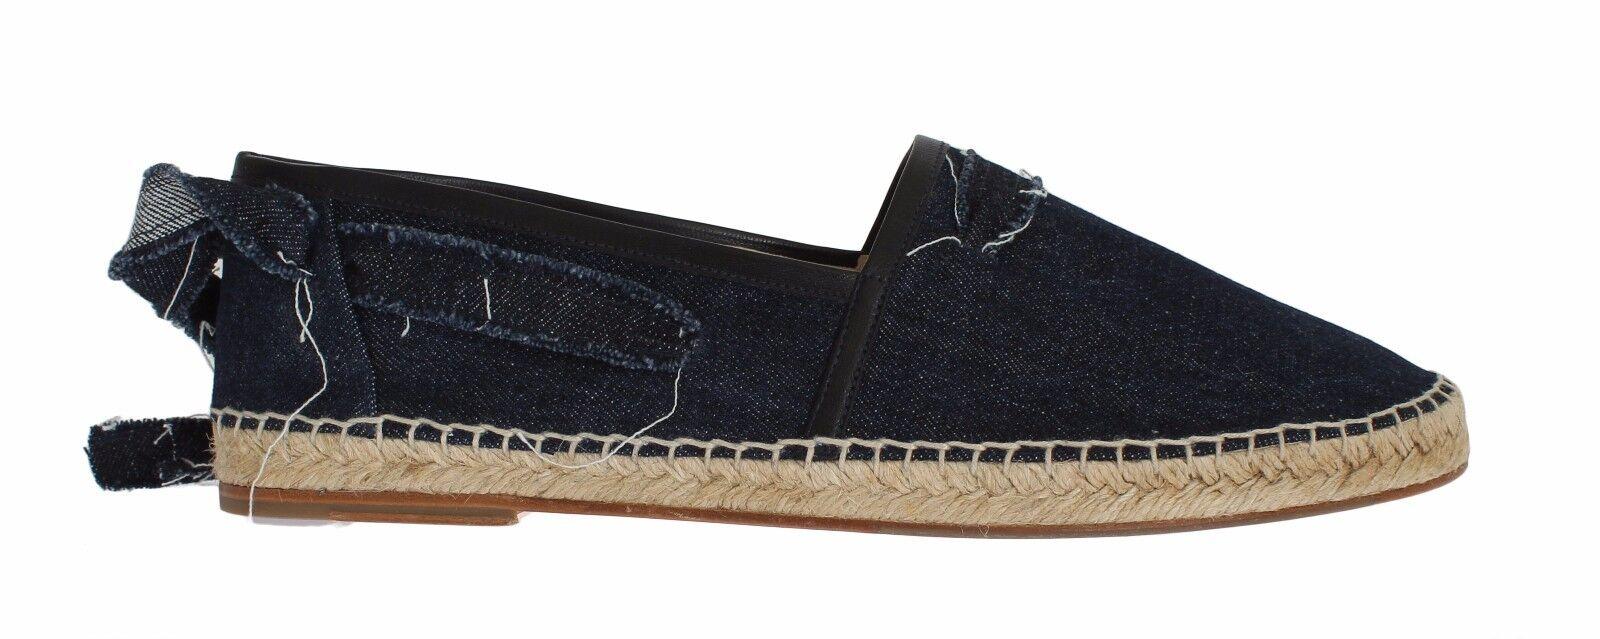 NEW  530 530 530 DOLCE & GABBANA Scarpe Blue Denim Strap Loafers Espadrilles EU44 / US11 d7a2b0